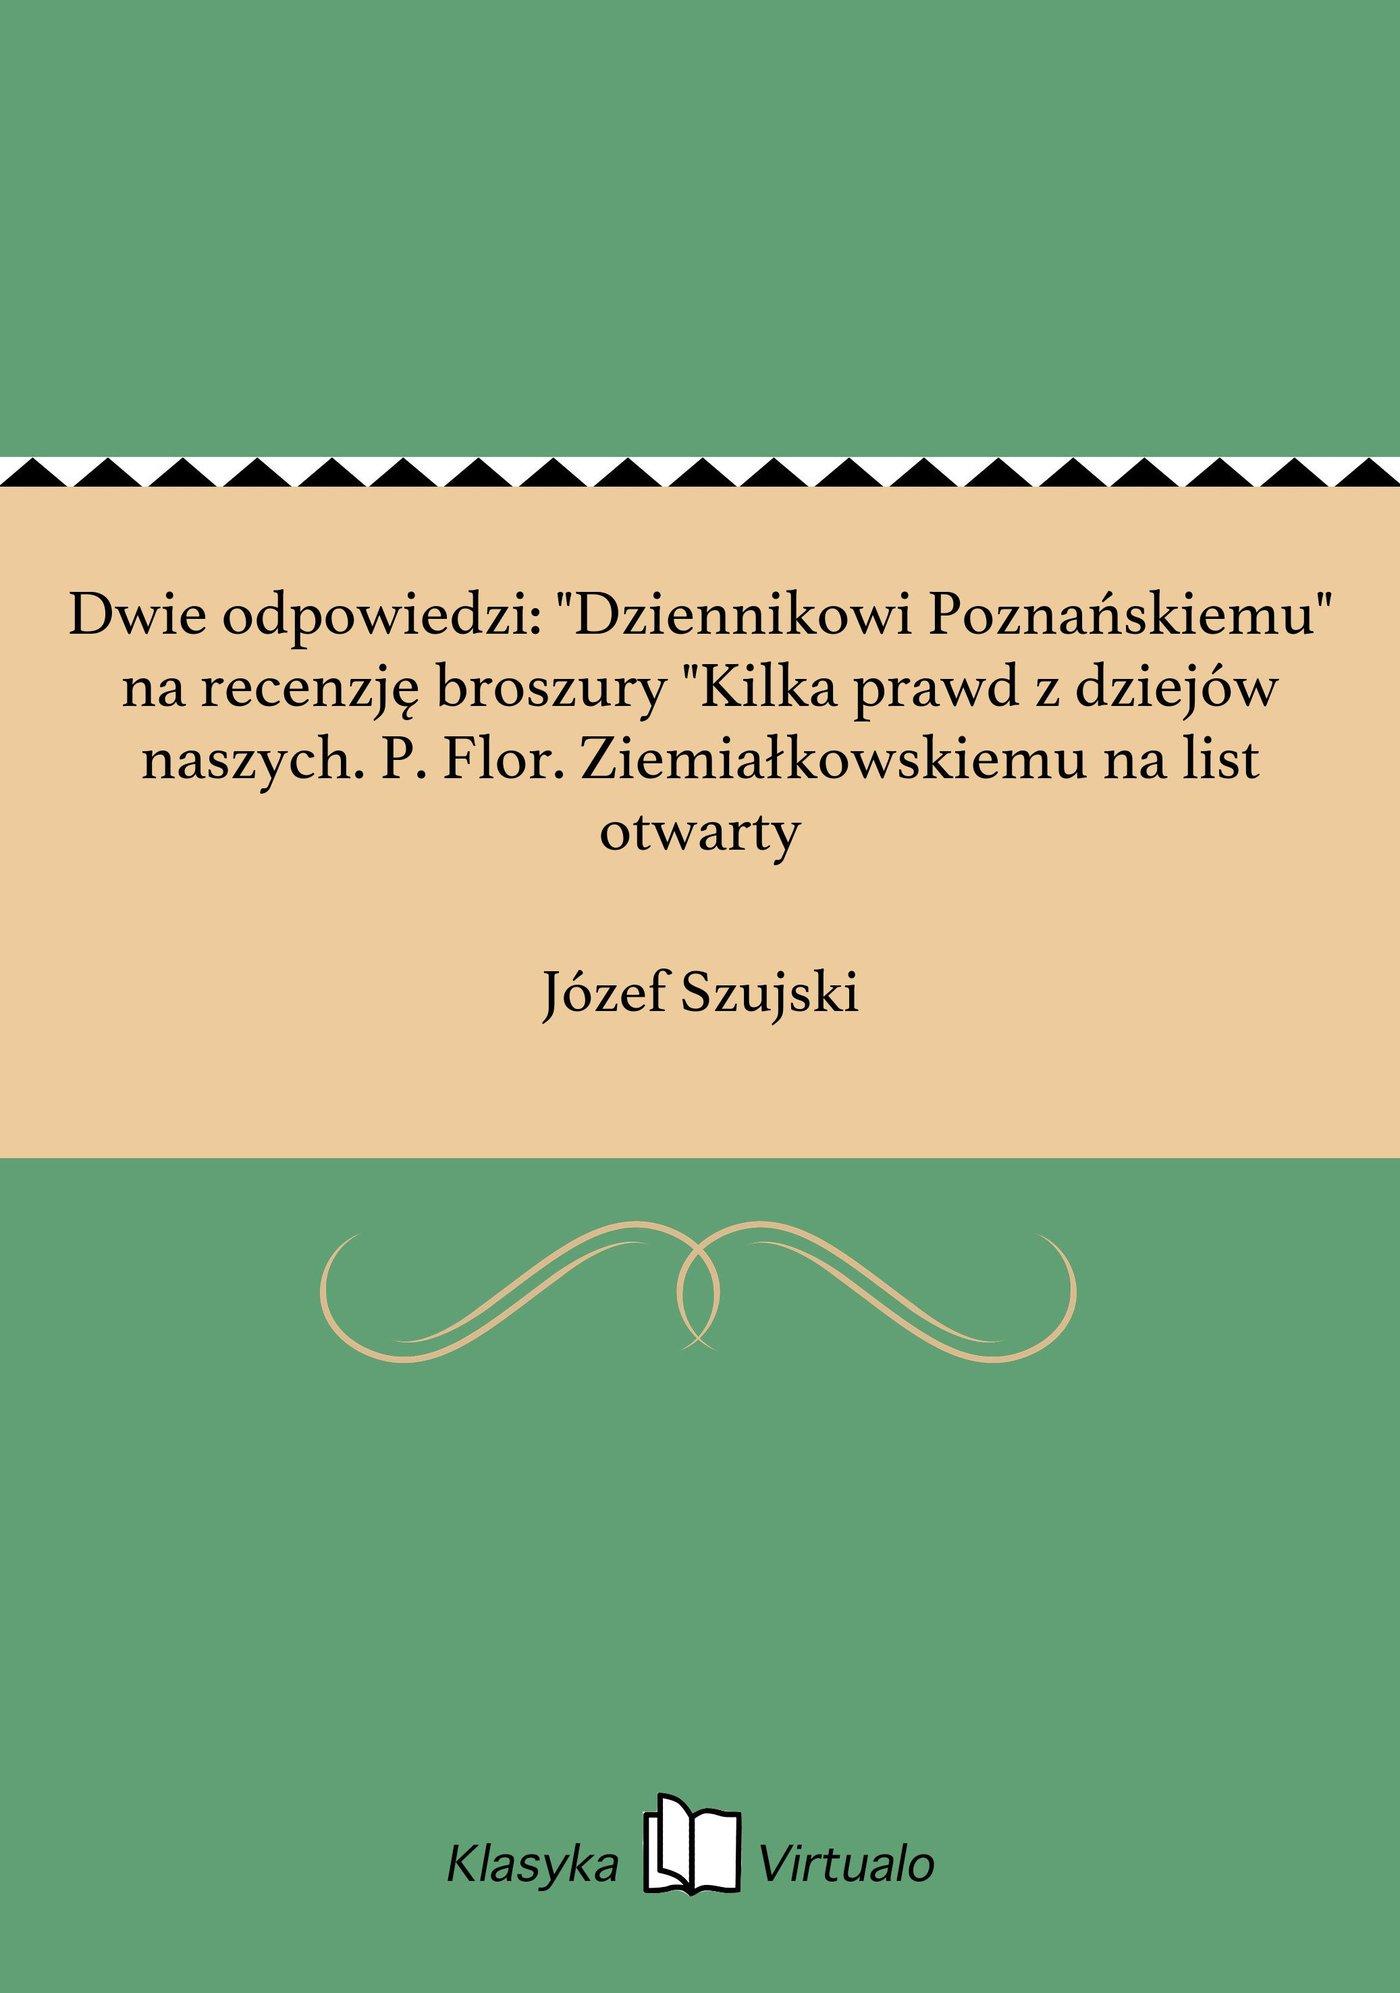 """Dwie odpowiedzi: """"Dziennikowi Poznańskiemu"""" na recenzję broszury """"Kilka prawd z dziejów naszych. P. Flor. Ziemiałkowskiemu na list otwarty - Ebook (Książka EPUB) do pobrania w formacie EPUB"""